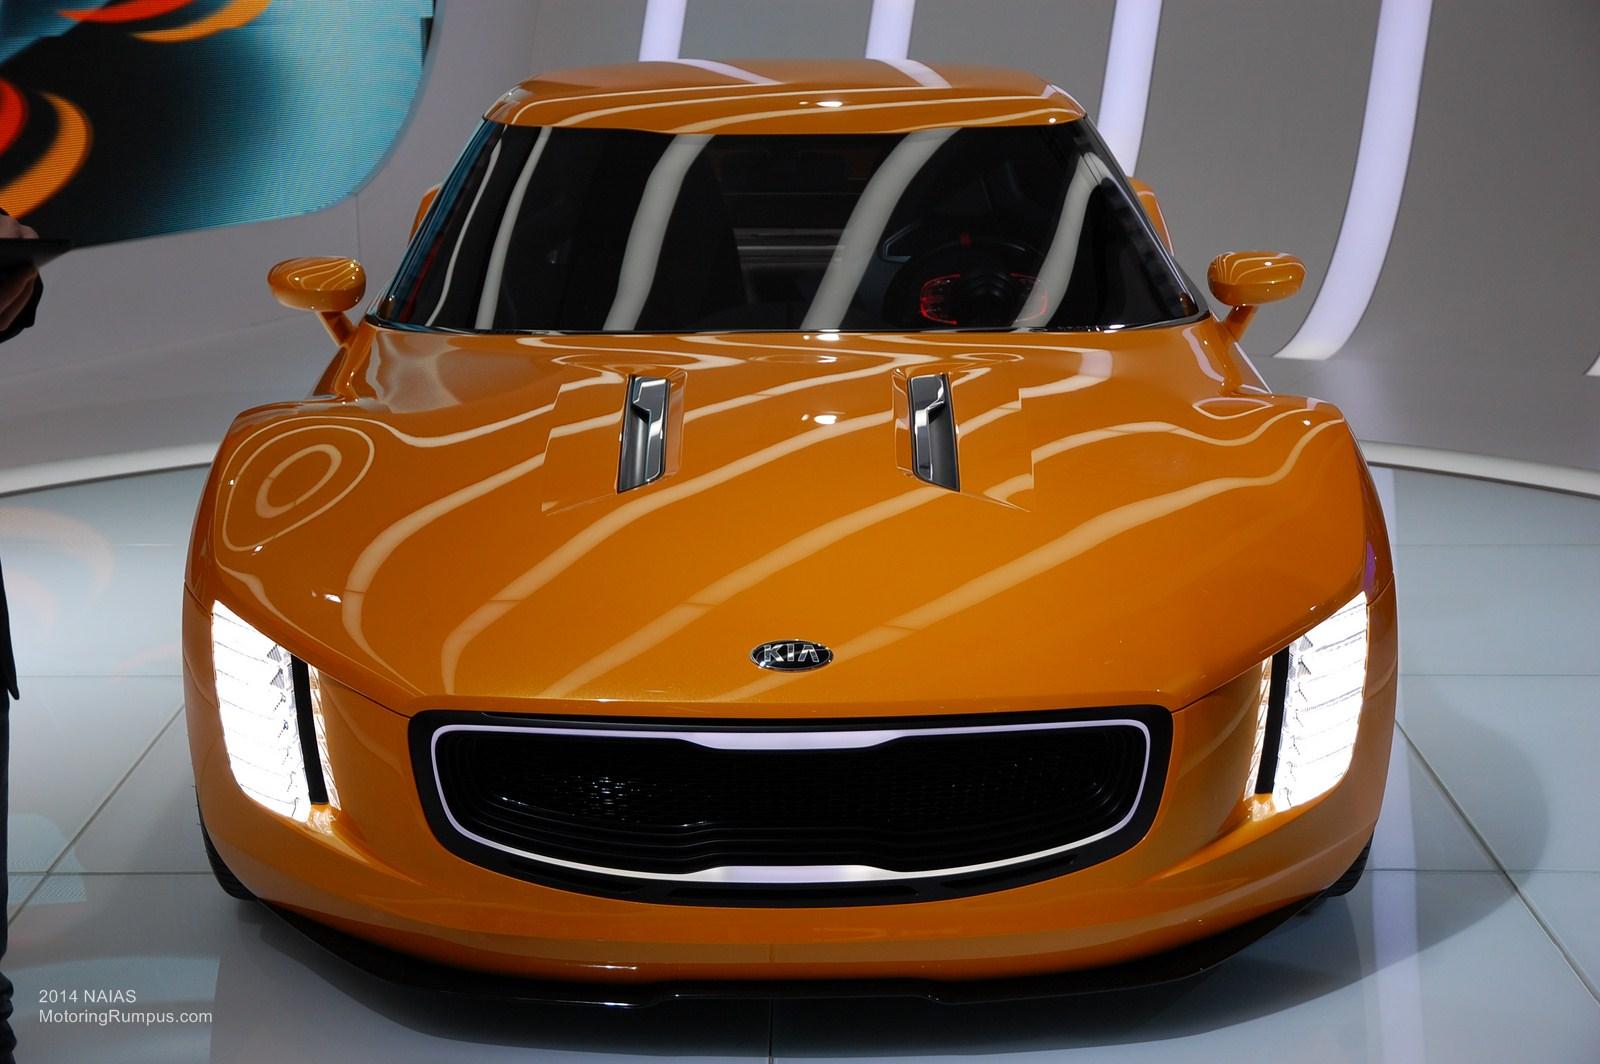 2014 NAIAS Kia GT4 Stinger Concept Front